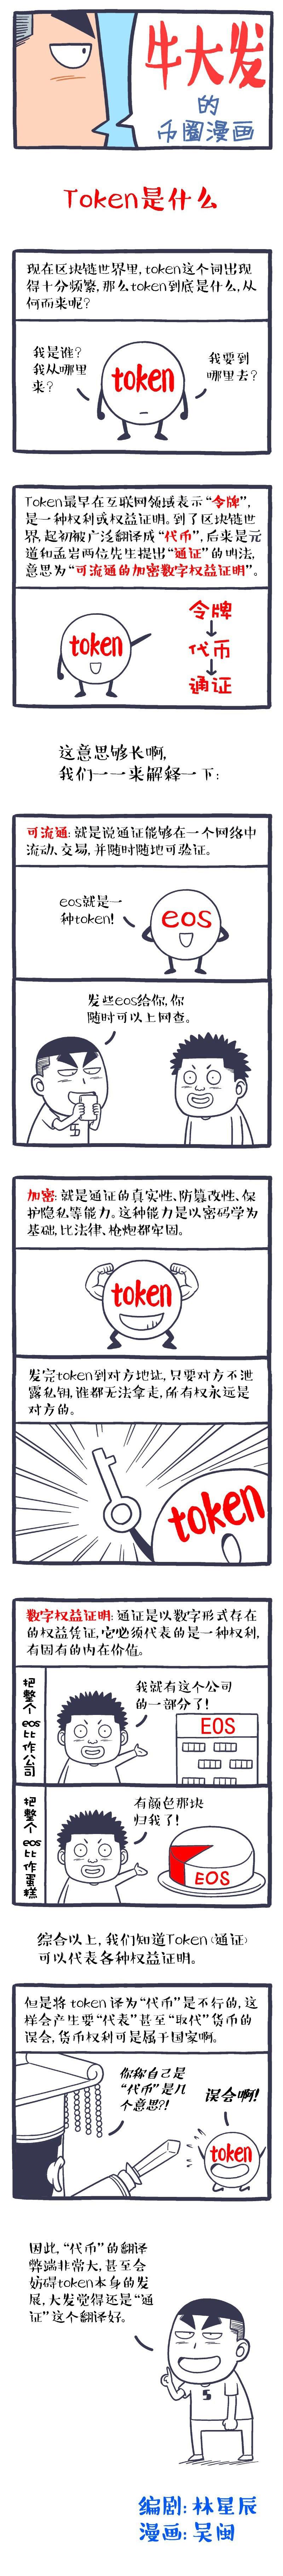 币圈里频繁出现的Token到底是什么鬼?